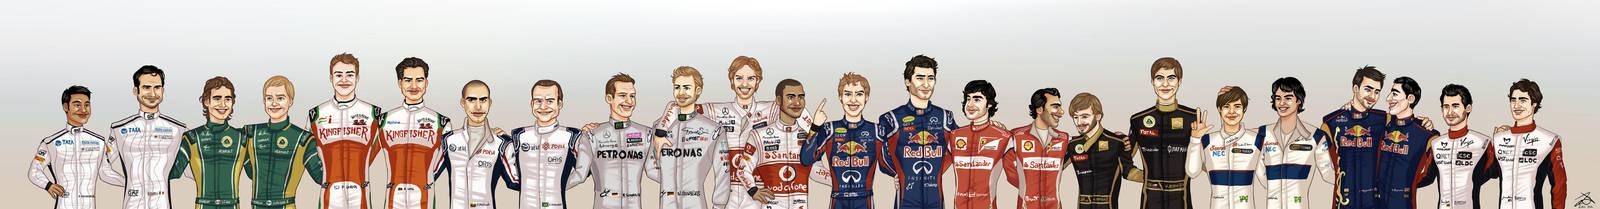 Formula 1 2011 line-up by xelanelho